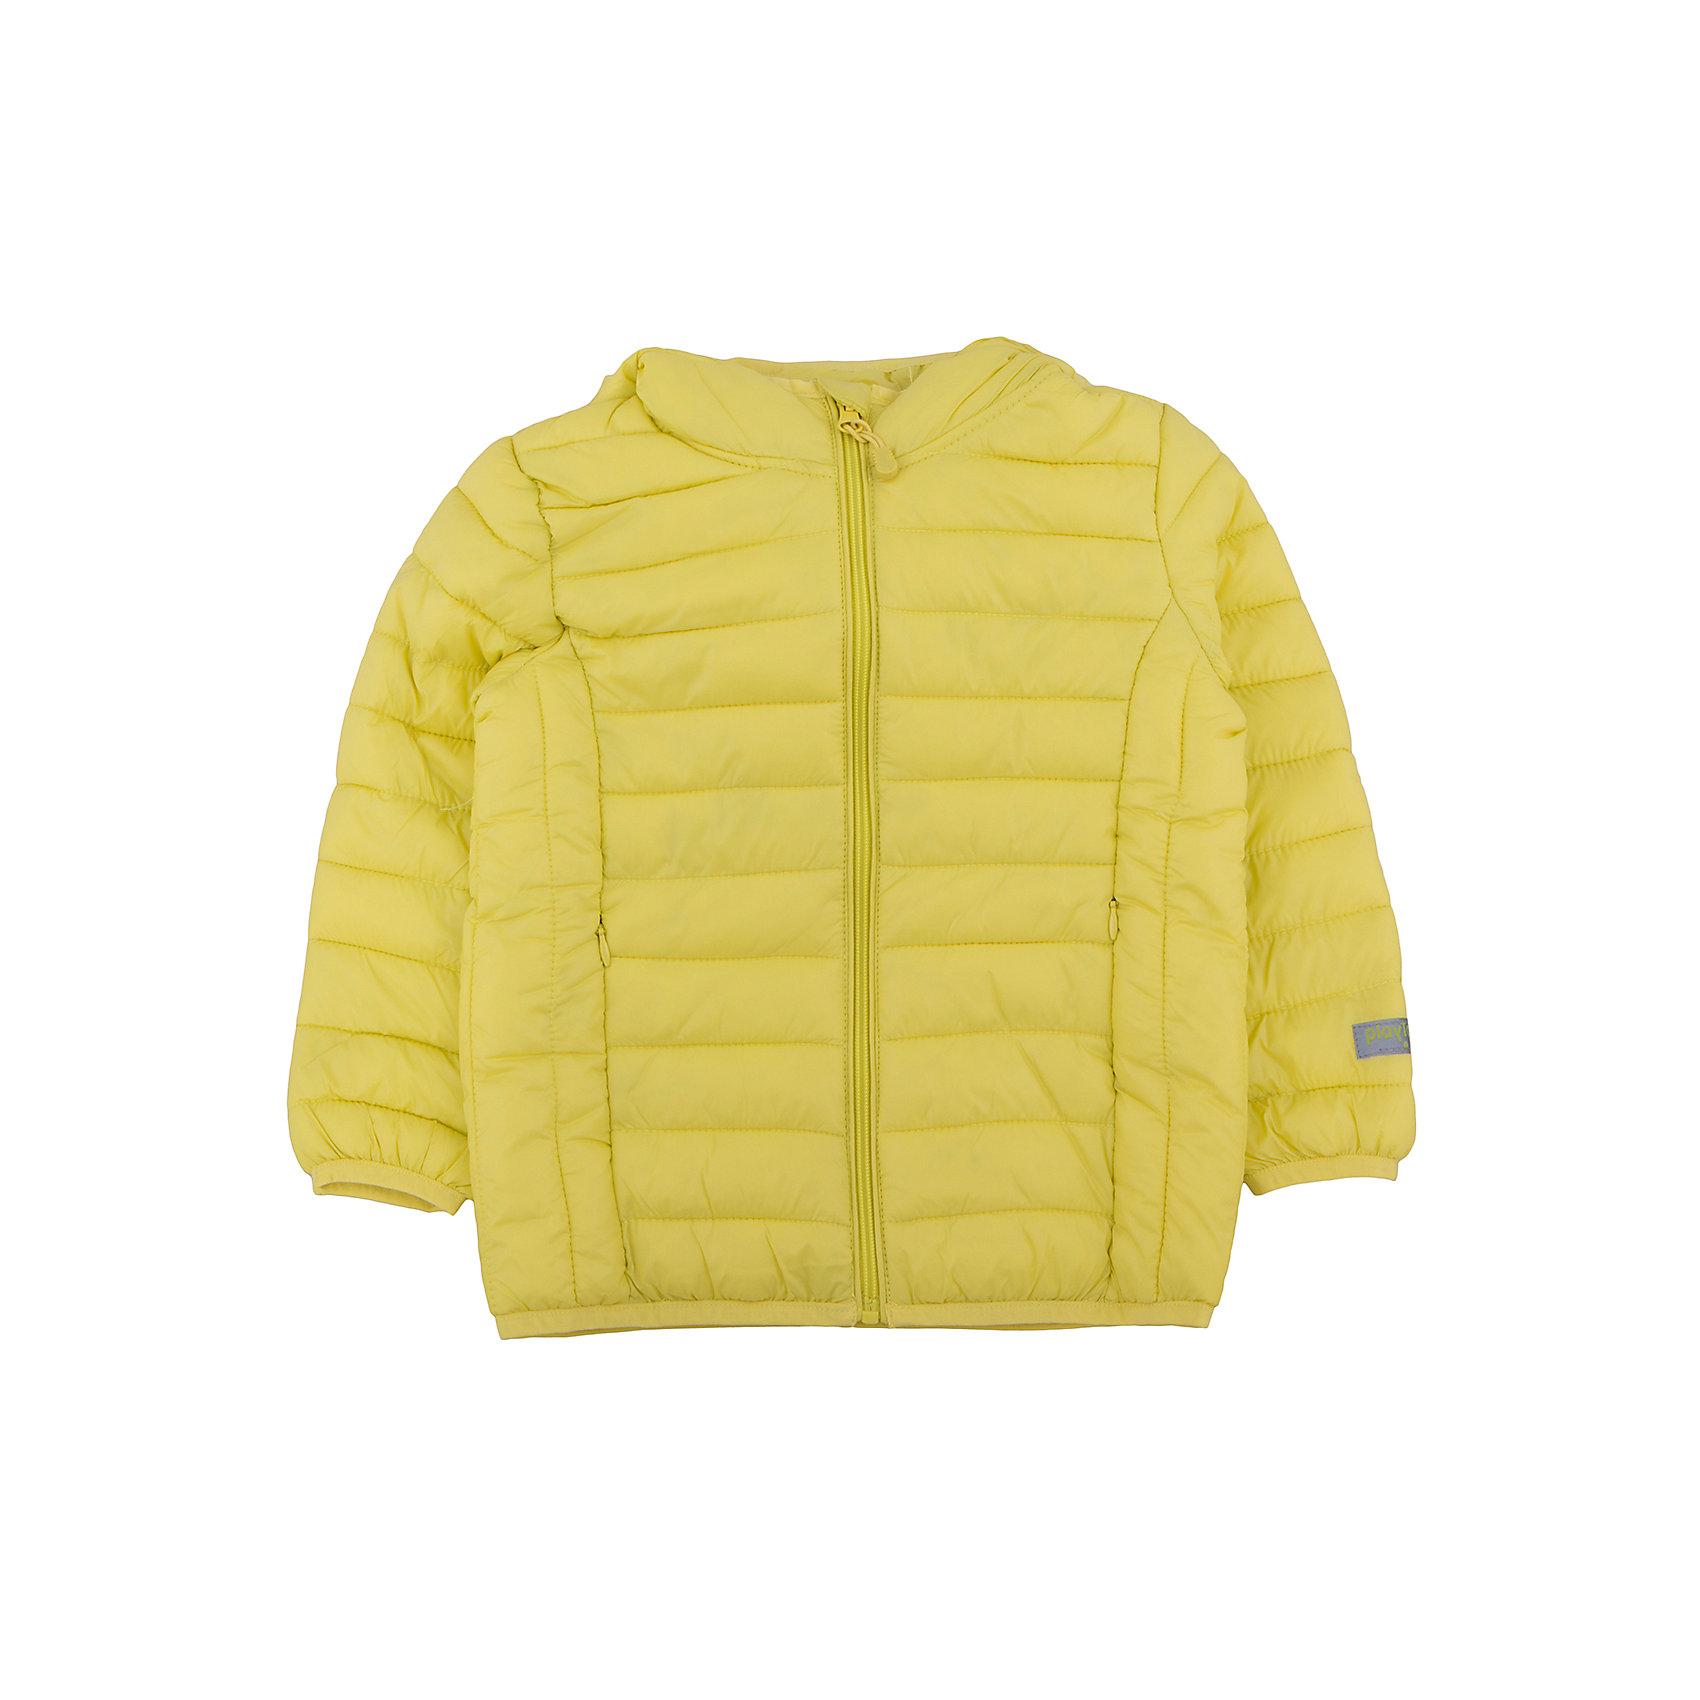 Куртка для мальчика PlayTodayДемисезонные куртки<br>Куртка для мальчика от известного бренда PlayToday.<br>Яркая лимонно-лаймовая стеганая куртка с капюшоном. Специально для капризов нашей погоды: легкая, можно удобно сложить и носить в сумке или рюкзаке. Защитит от ветра и легкого дождя.Застегивается на молнию с внутренней ветрозащитной планкой и защитой подбородка. Края обработаны эластичным кантом. <br>Состав:<br>Верх: 100% нейлон, подкладка: 100% нейлон, наполнитель: 100% полиэстер, 150 г<br><br>Ширина мм: 356<br>Глубина мм: 10<br>Высота мм: 245<br>Вес г: 519<br>Цвет: желтый<br>Возраст от месяцев: 84<br>Возраст до месяцев: 96<br>Пол: Мужской<br>Возраст: Детский<br>Размер: 128,122,104,116,110,98<br>SKU: 4896550